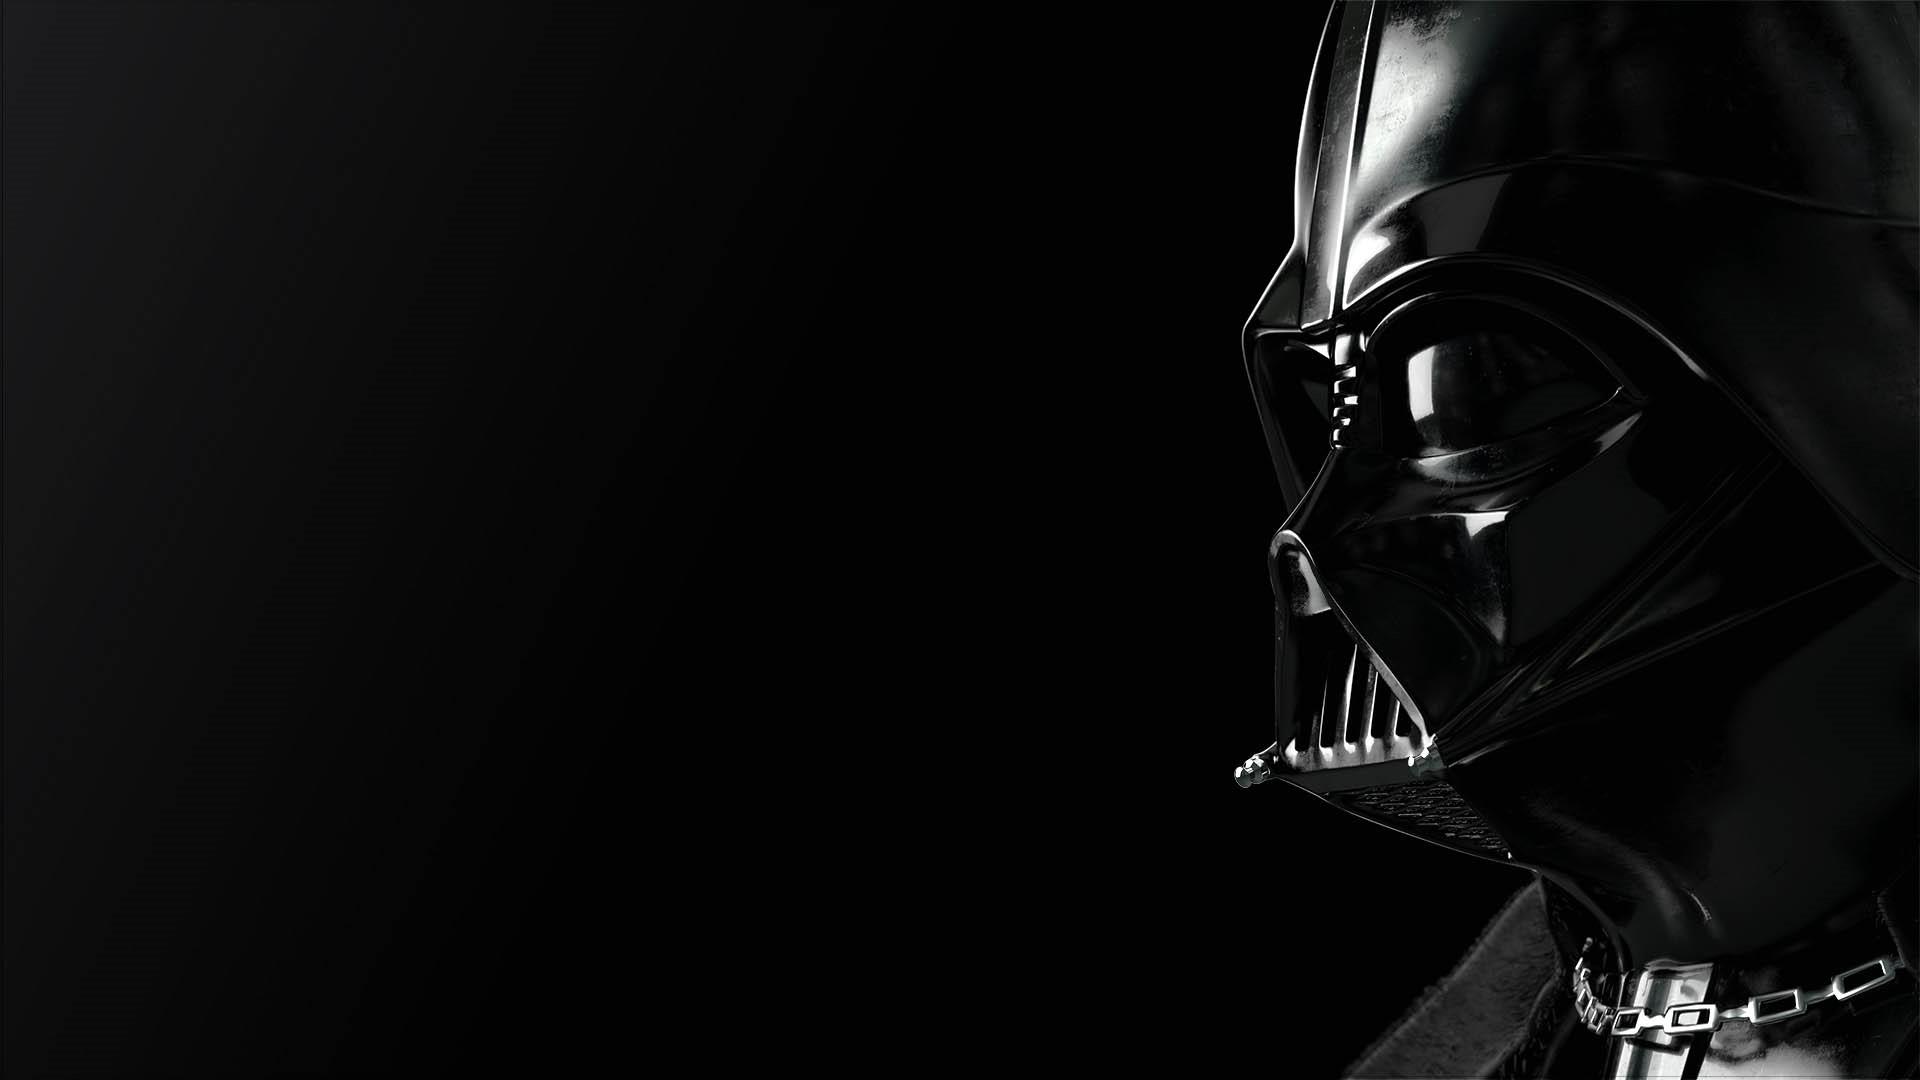 … Darth Vader Wallpaper star wars battlefront darth vader wallpaper 5492  …